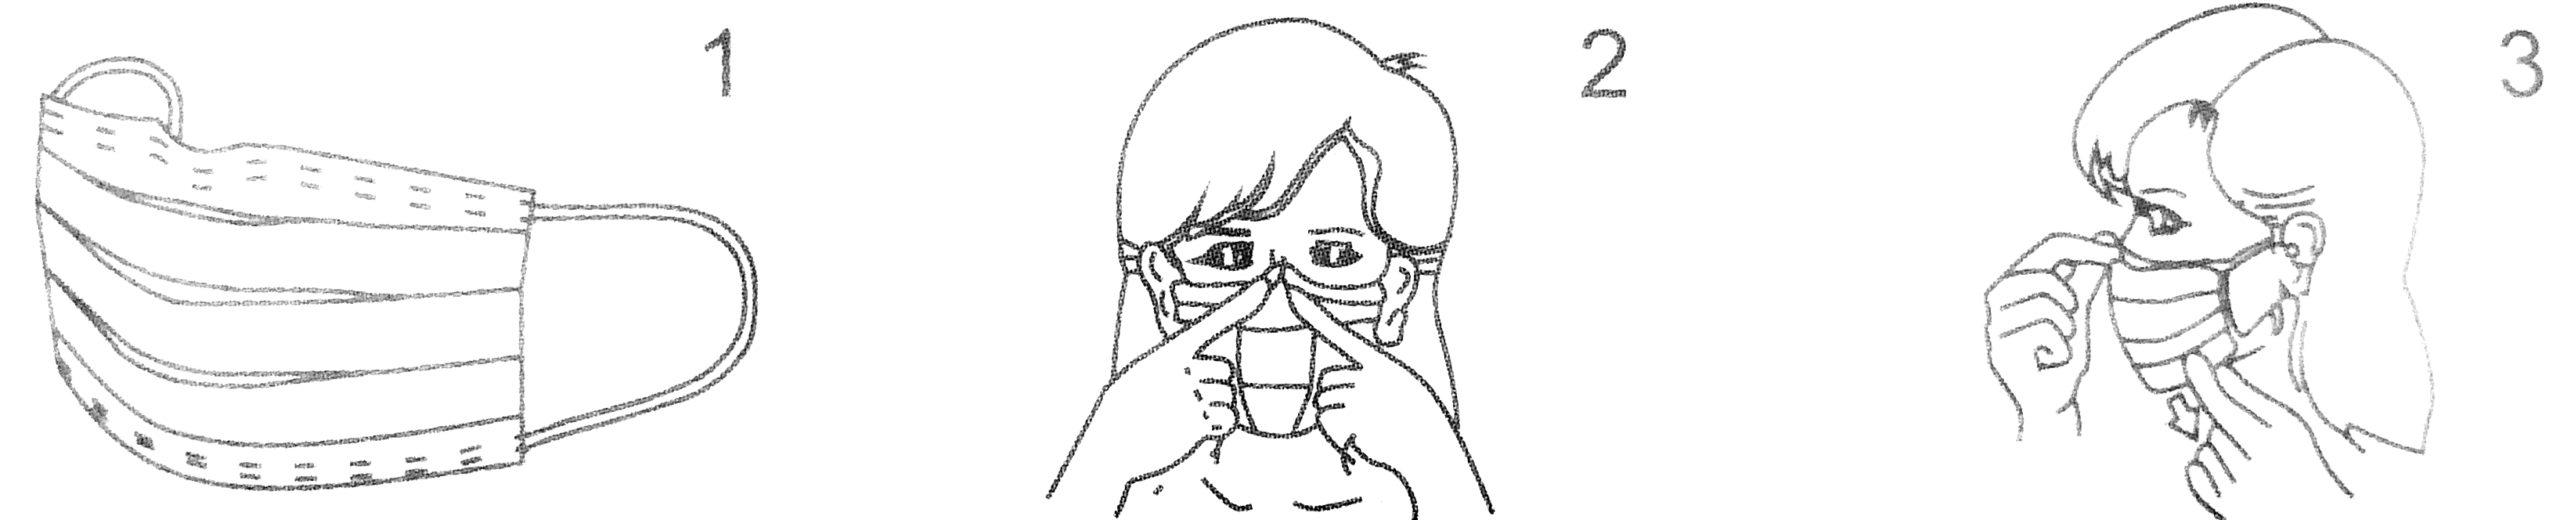 Verwendung der Gesichtsmaske